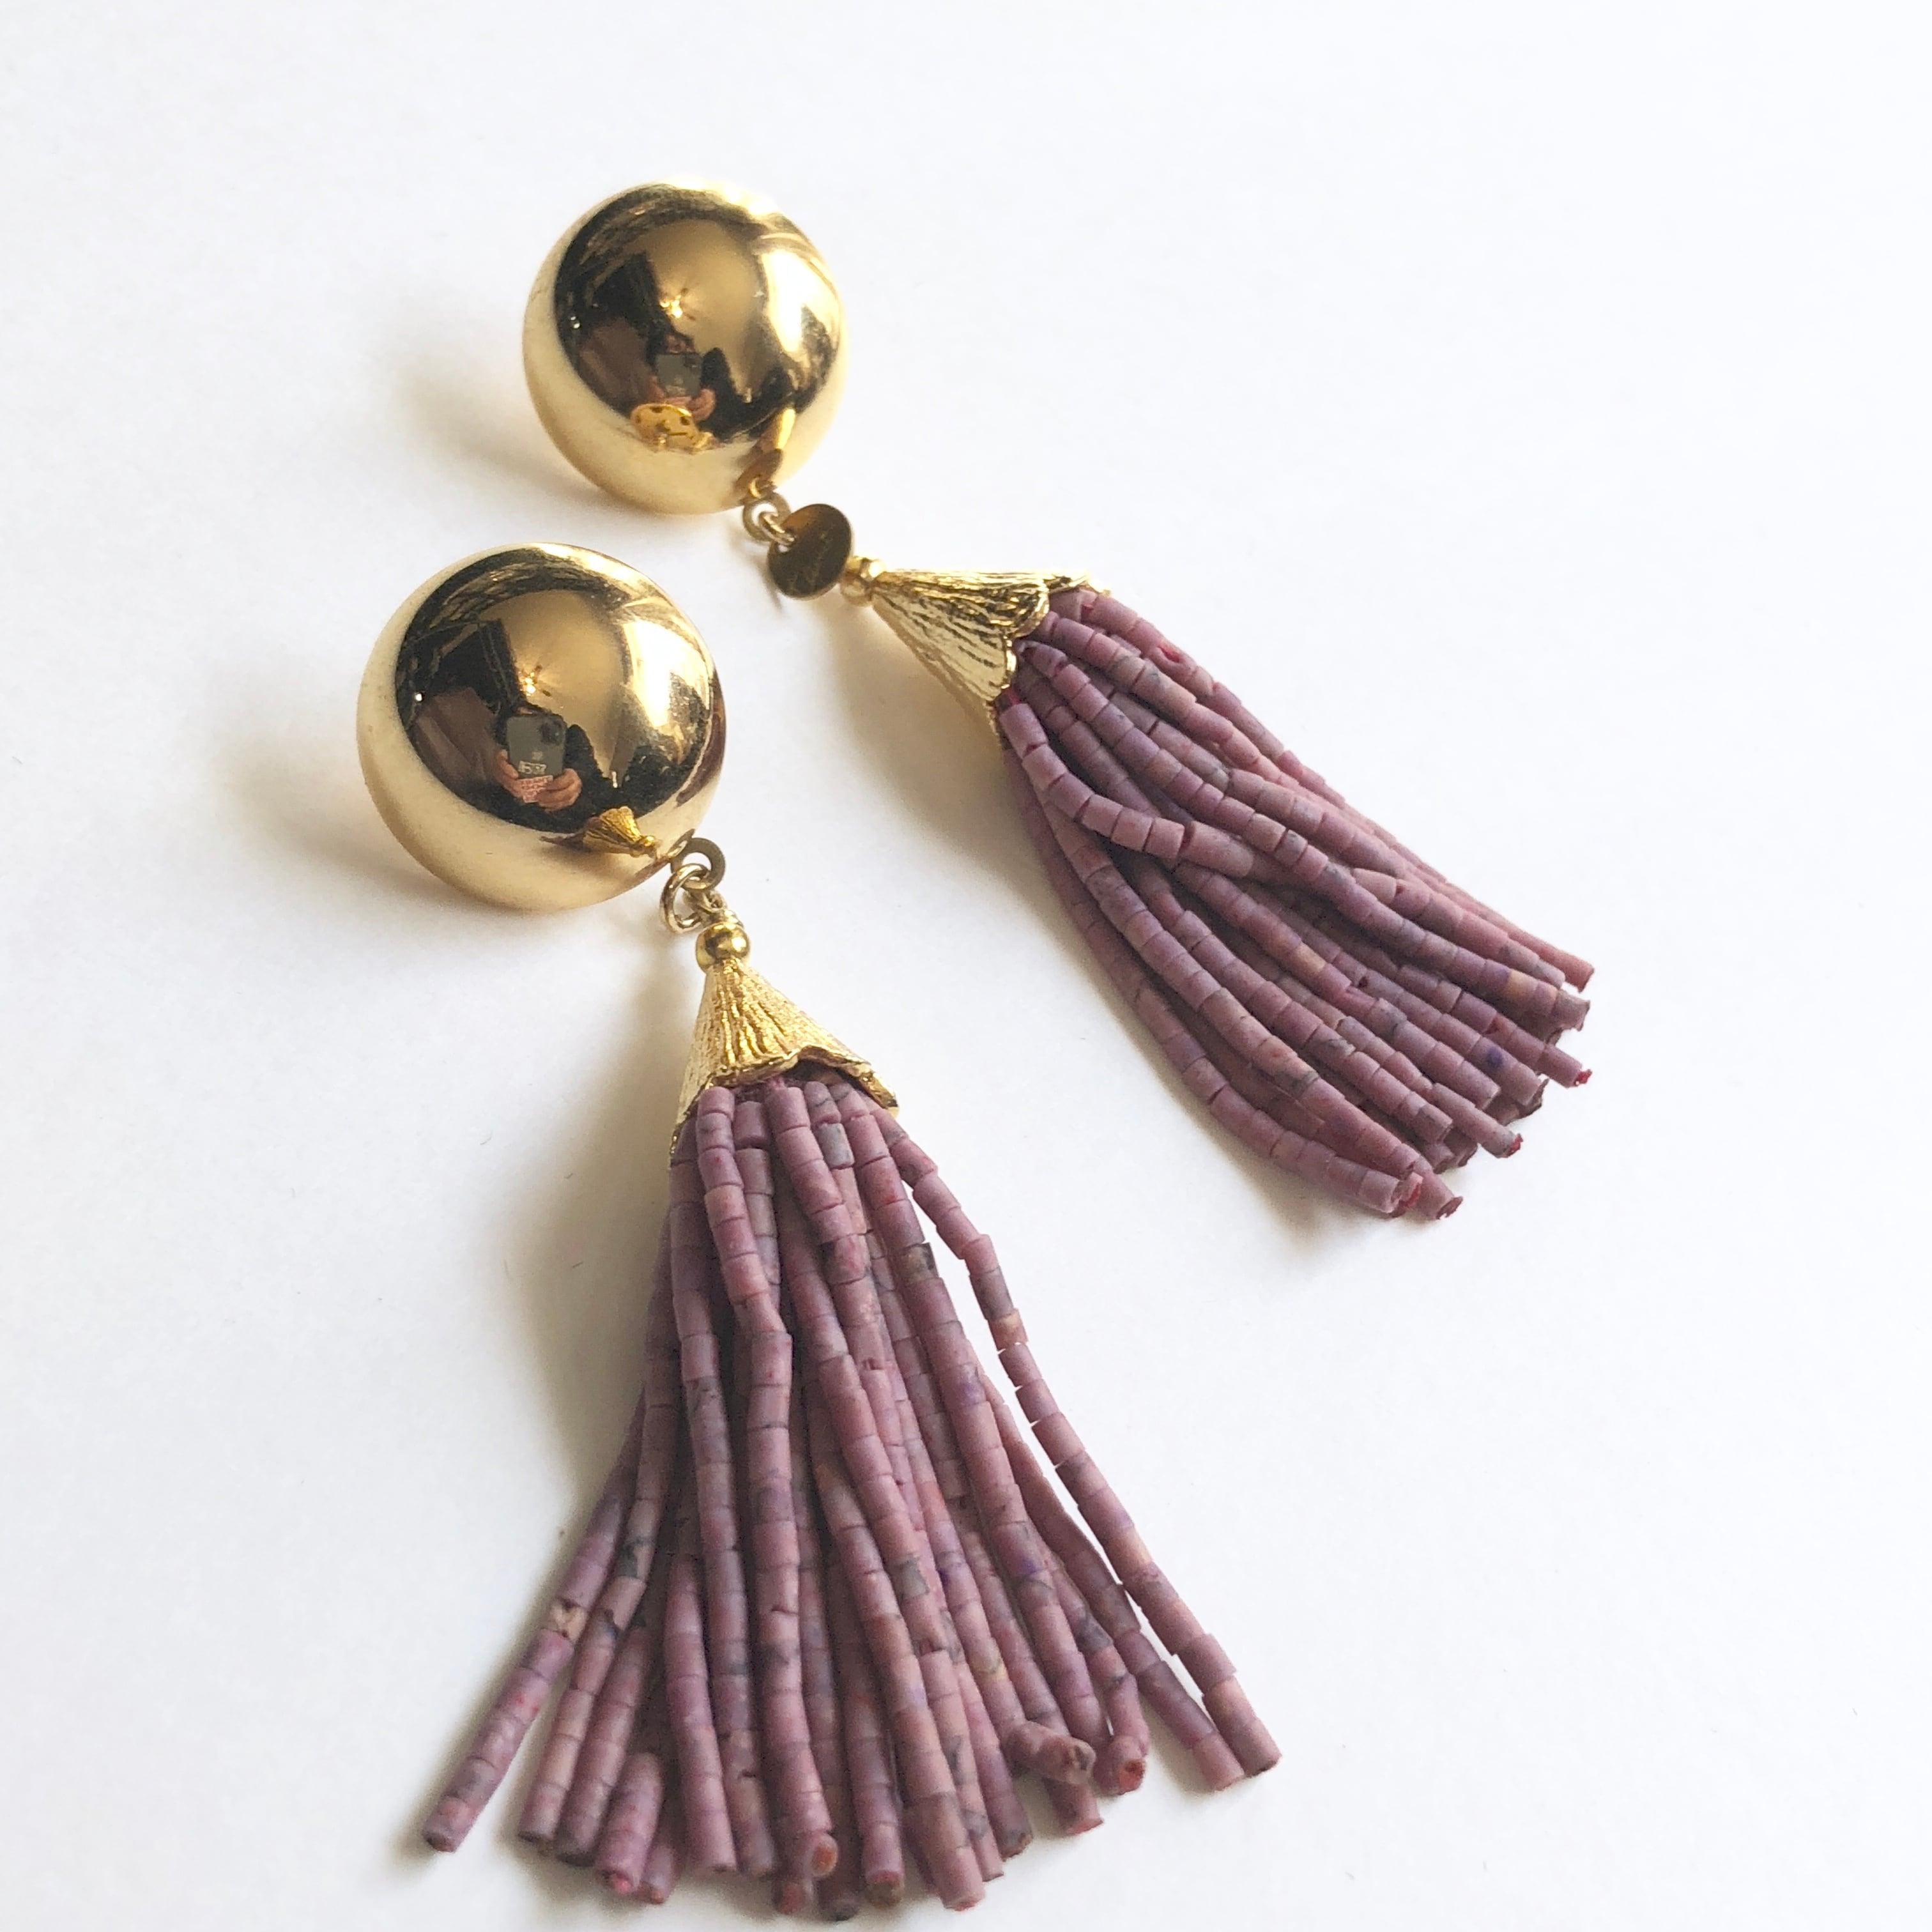 Aube tassel earringsG-011x